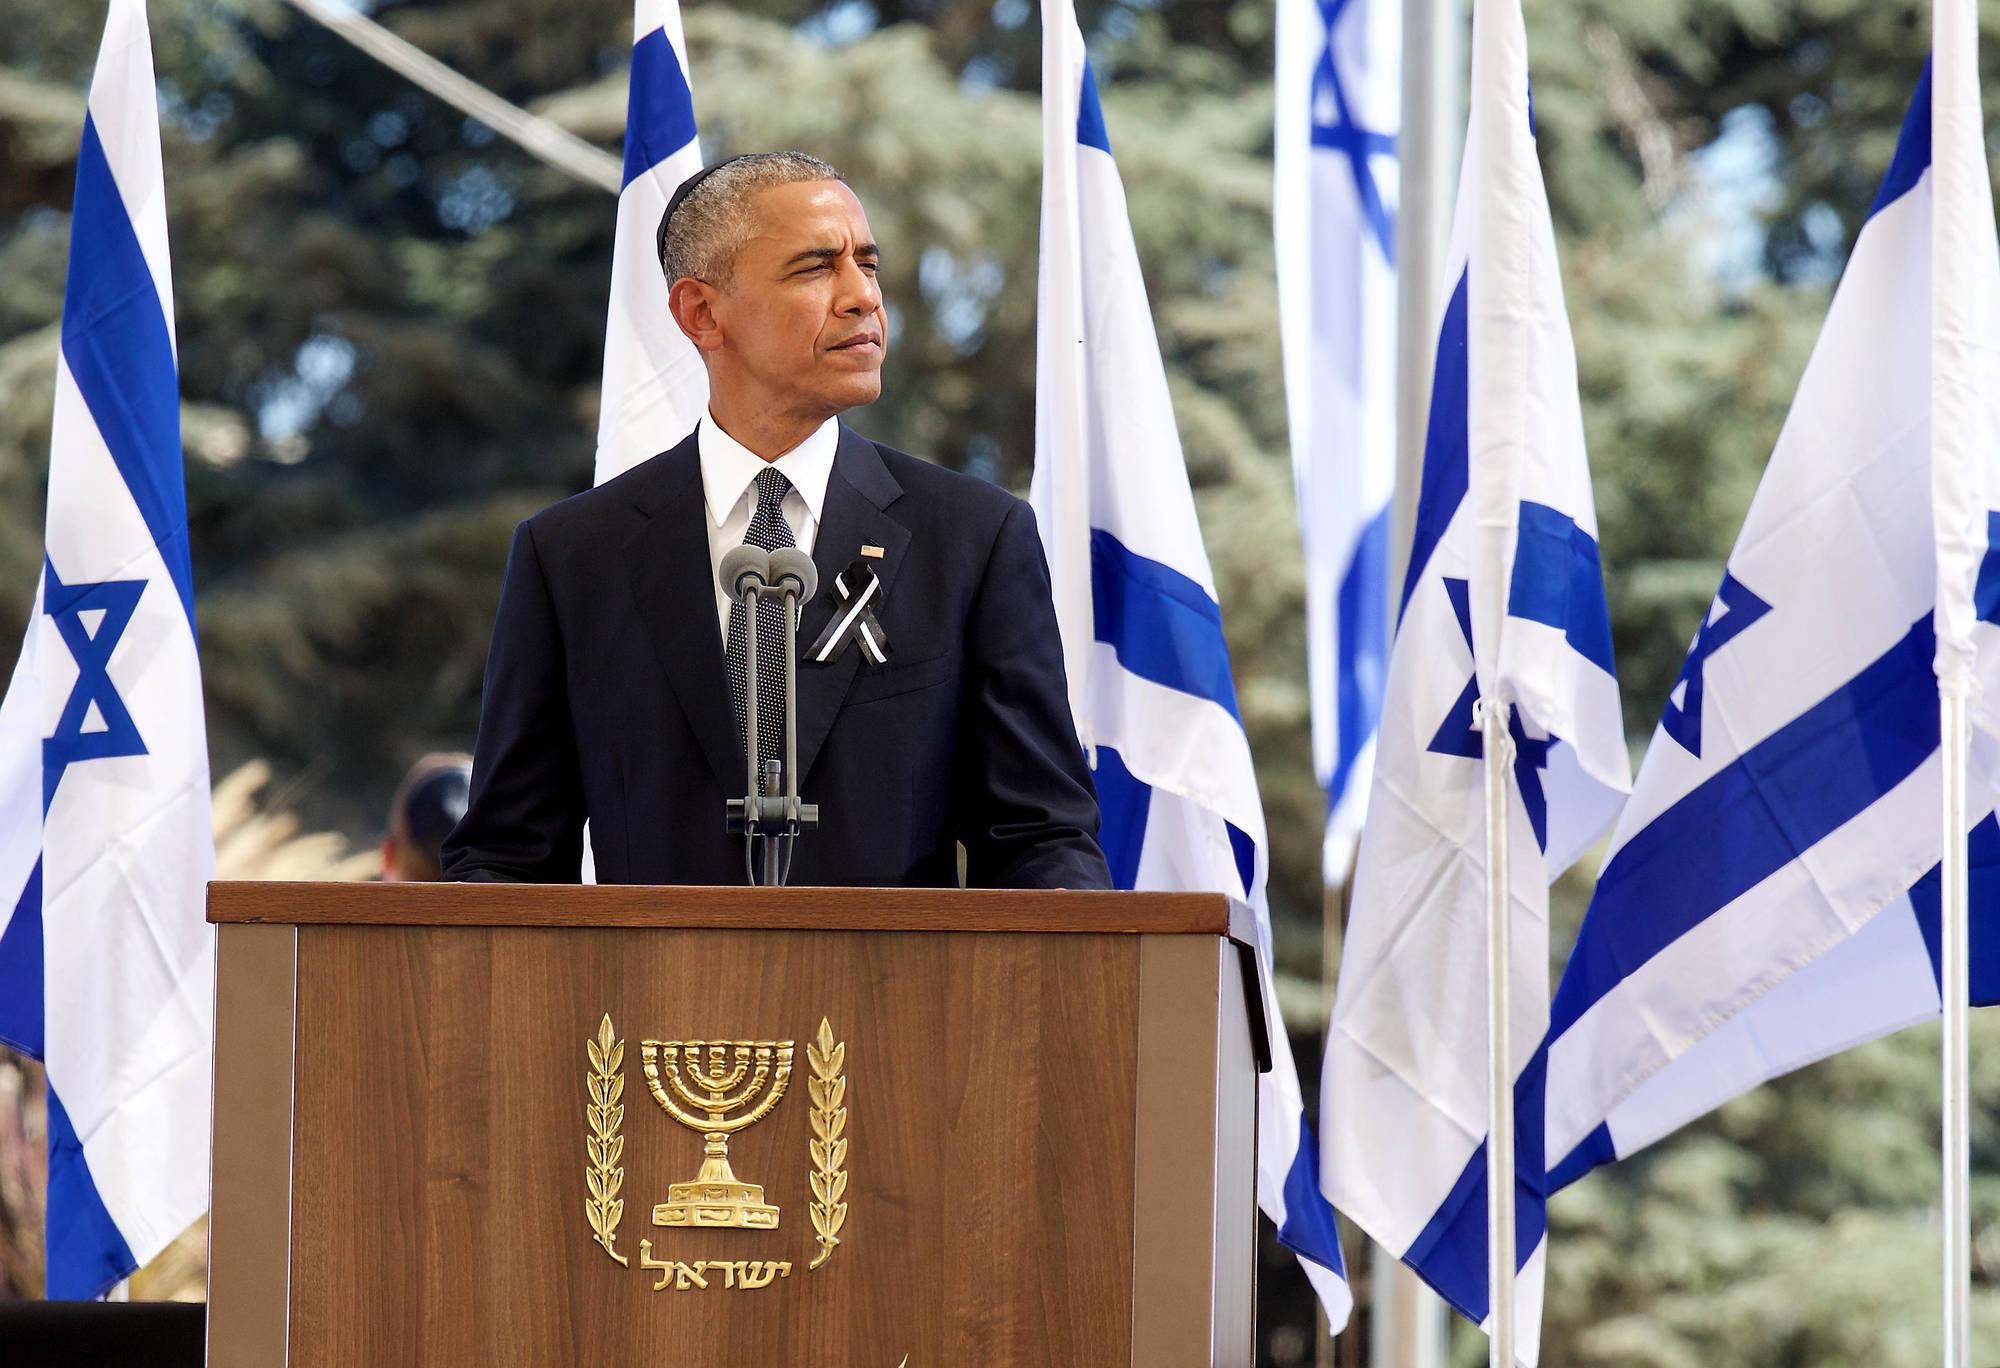 Israele perde i fondatori ma le radici restano salde